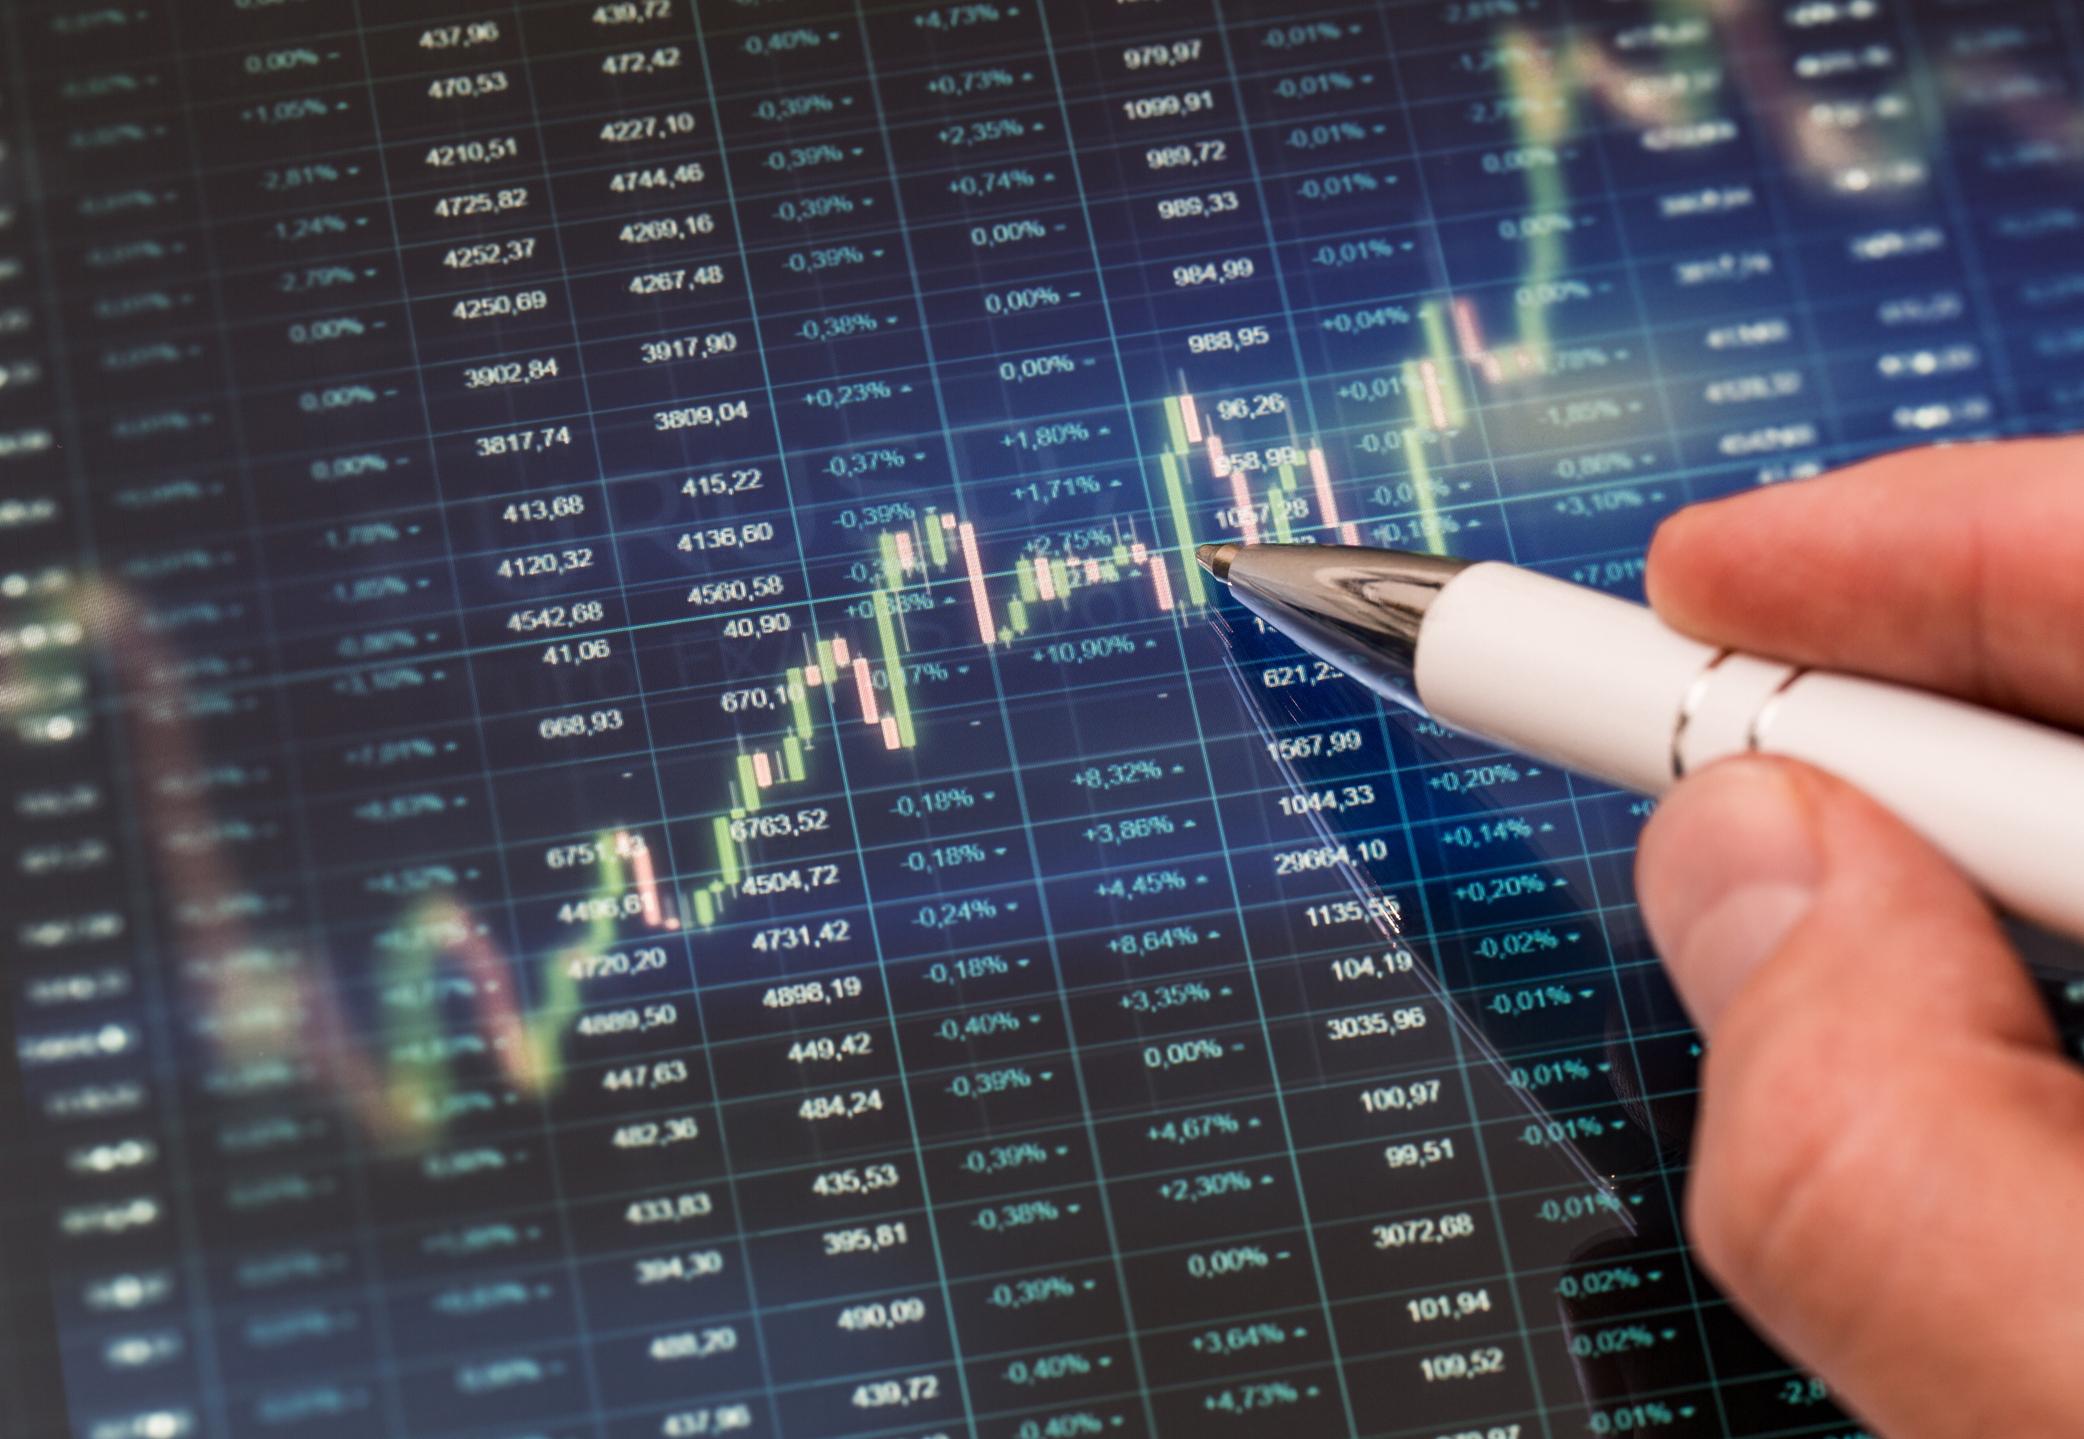 3 Stocks for Warren Buffett Fans